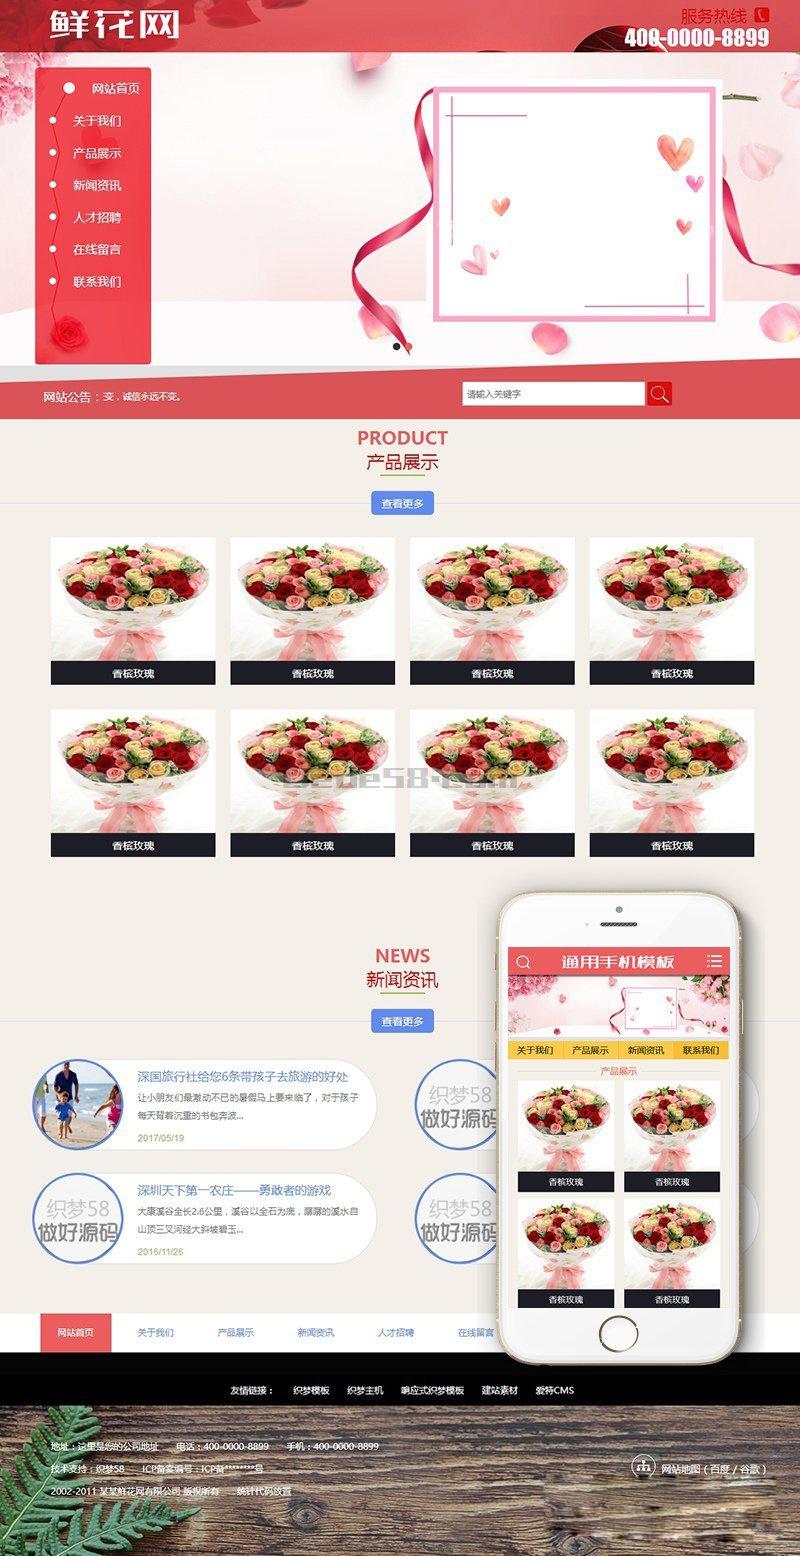 织梦dedecms鲜花产品展示网站类织梦模板源码(带手机端)